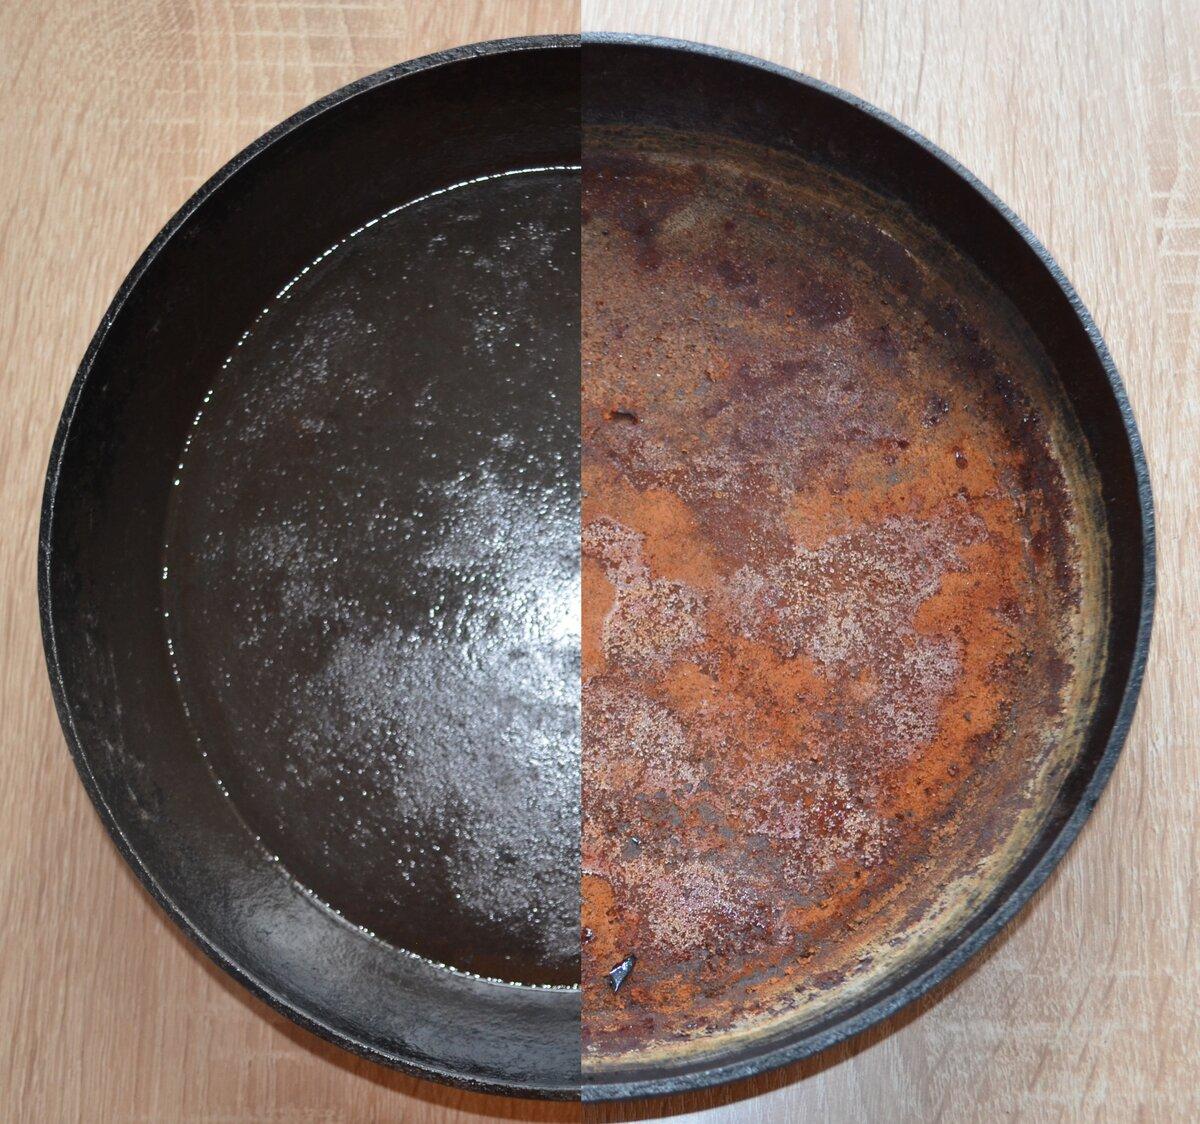 Как очистить сковородку от нагара снаружи: лучшие методы